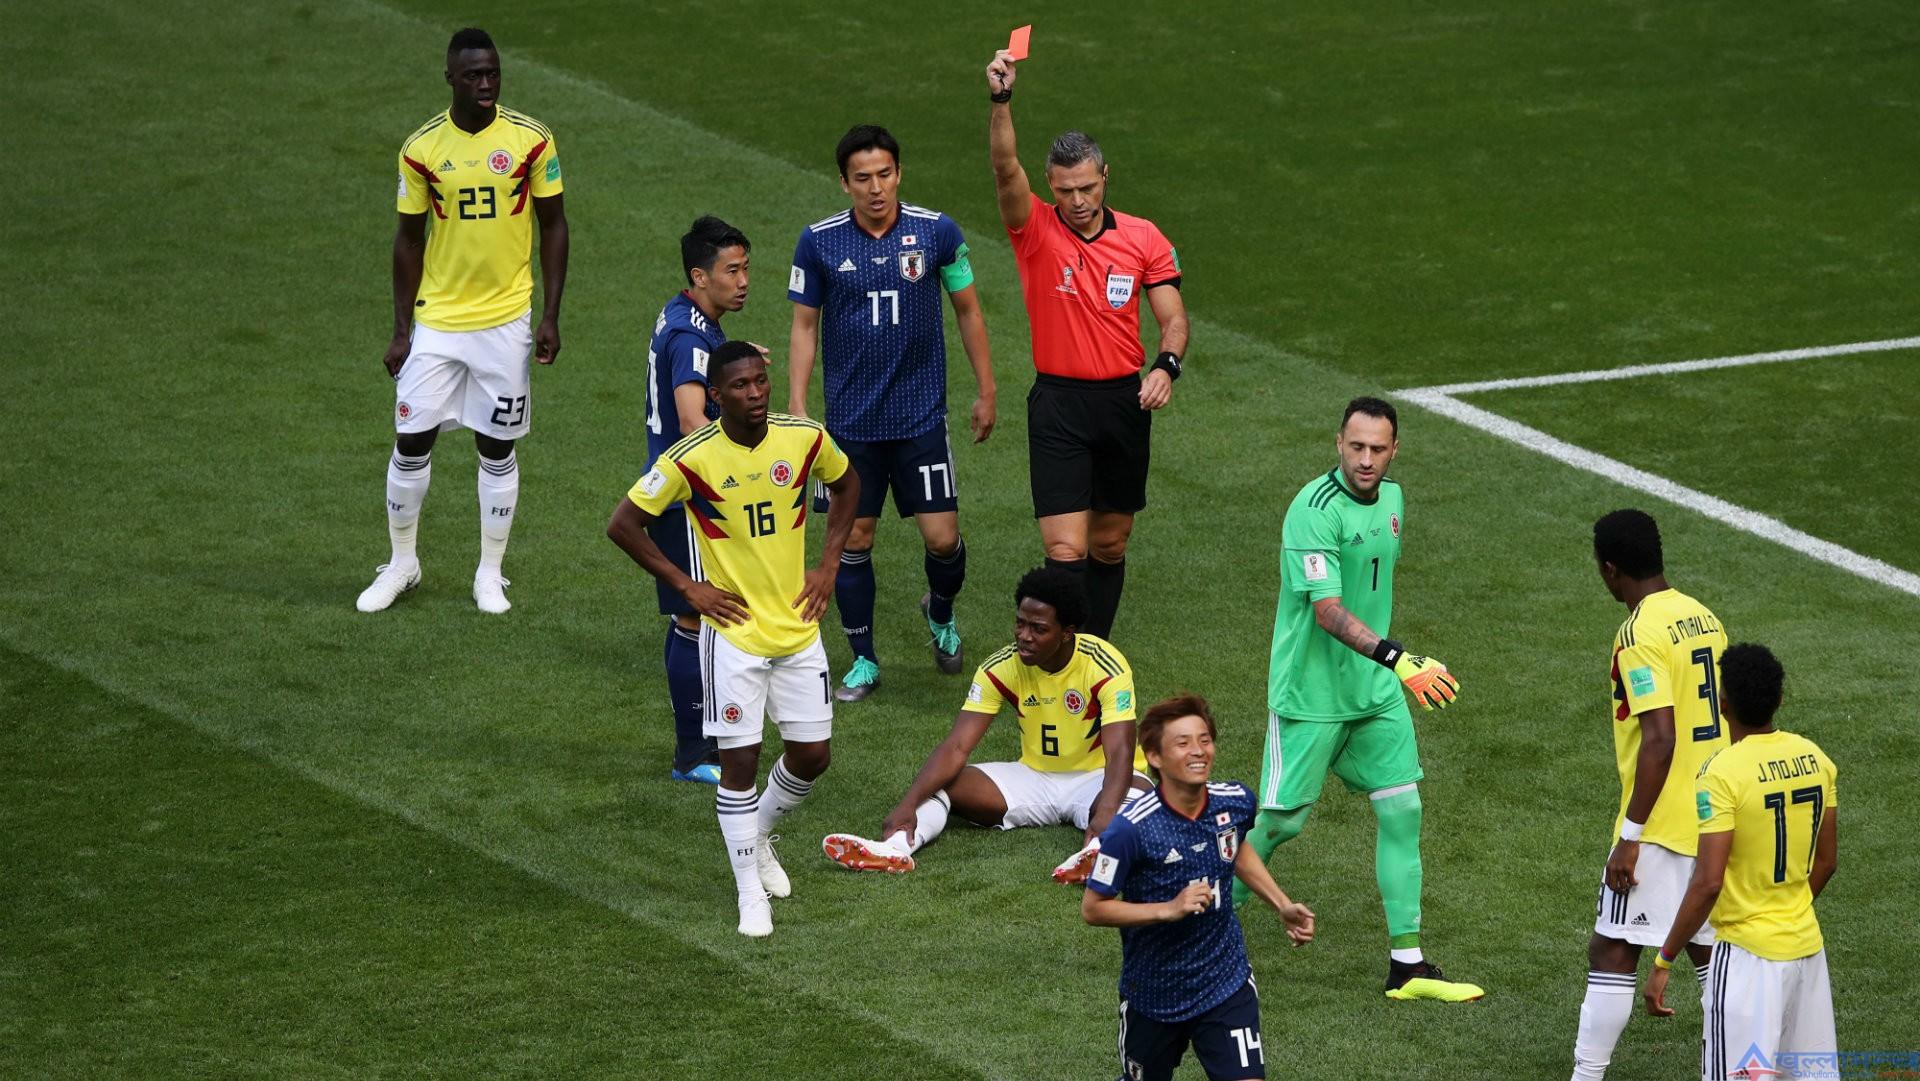 जापानविरुद्ध रेड कार्ड खाएका कोलम्बियन खेलाडीलाई मारिदिने धम्की